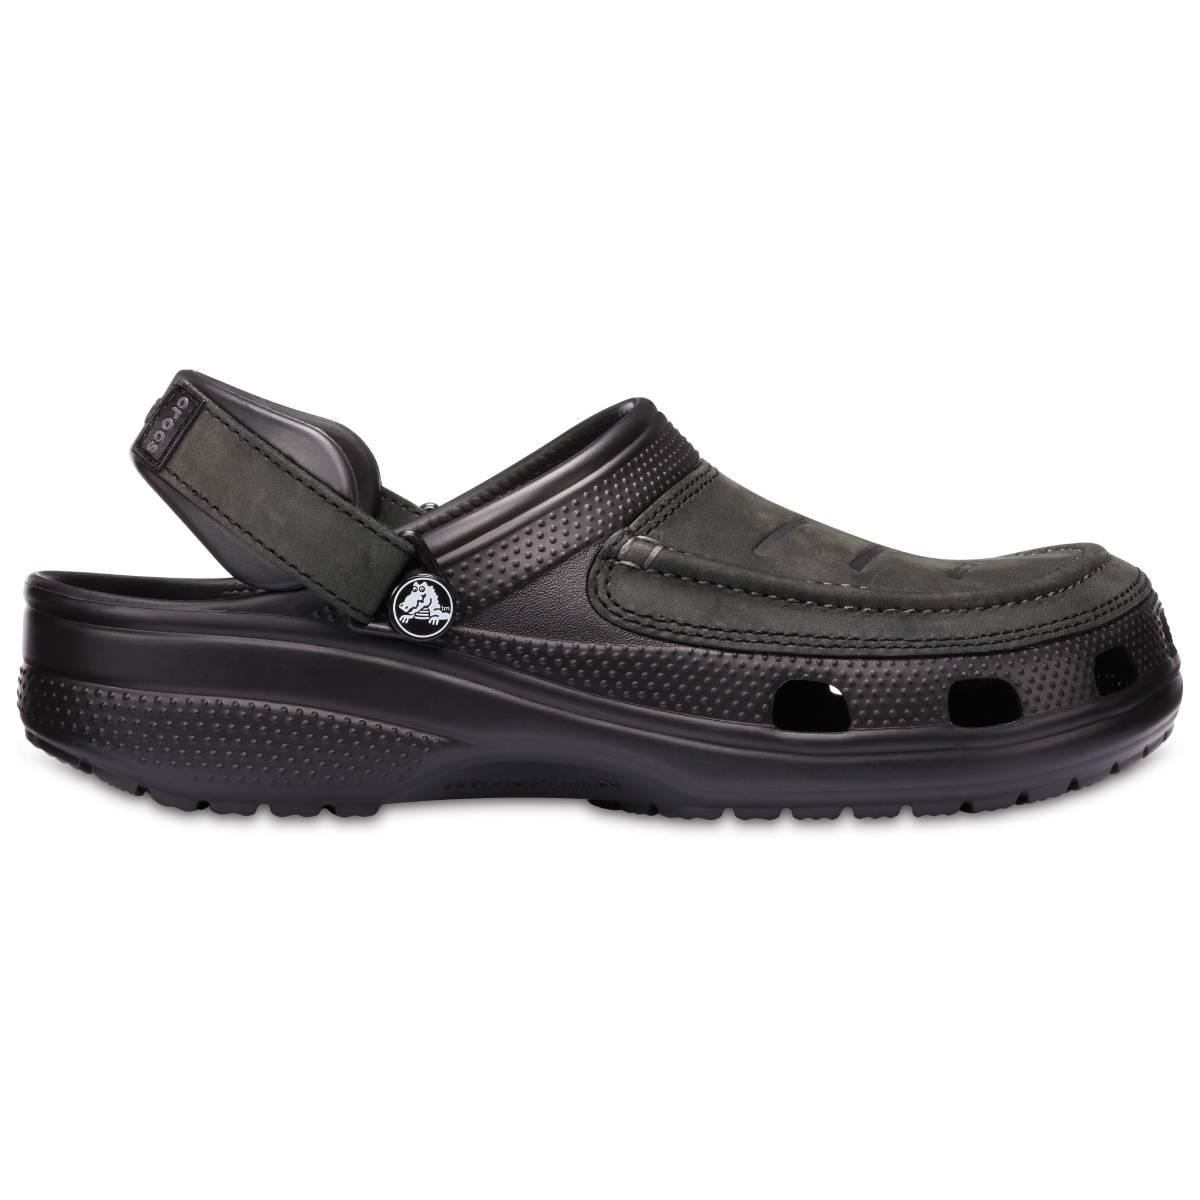 Yukon Vista Clog M - Siyah/Siyah